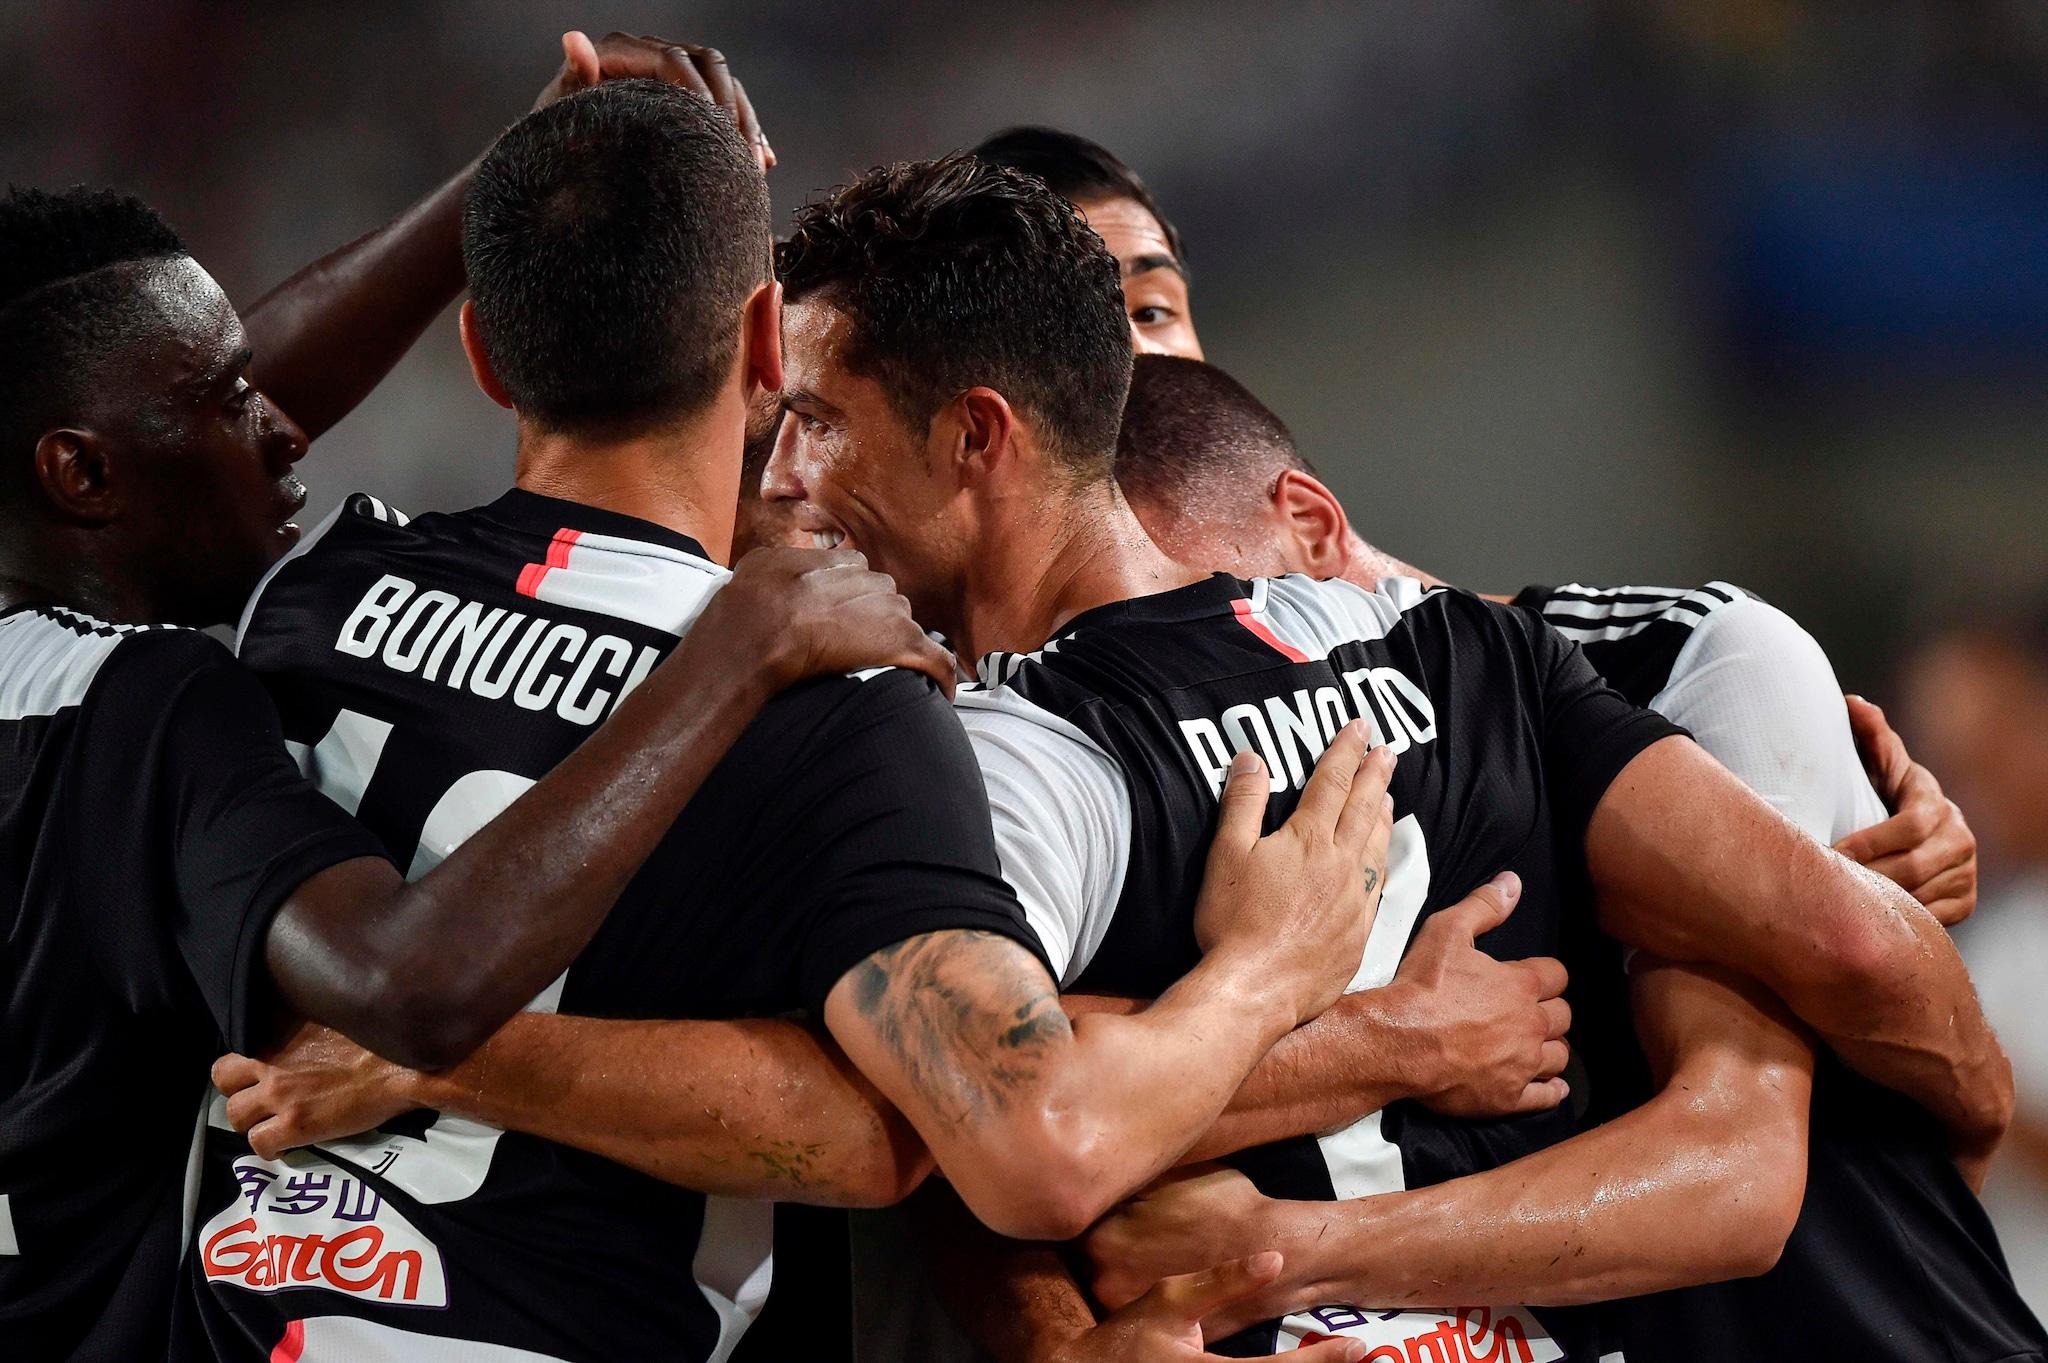 Calendario Napoli E Juve A Confronto.Serie A Al Via Il 24 Agosto Ecco Il Calendario E Le Novita